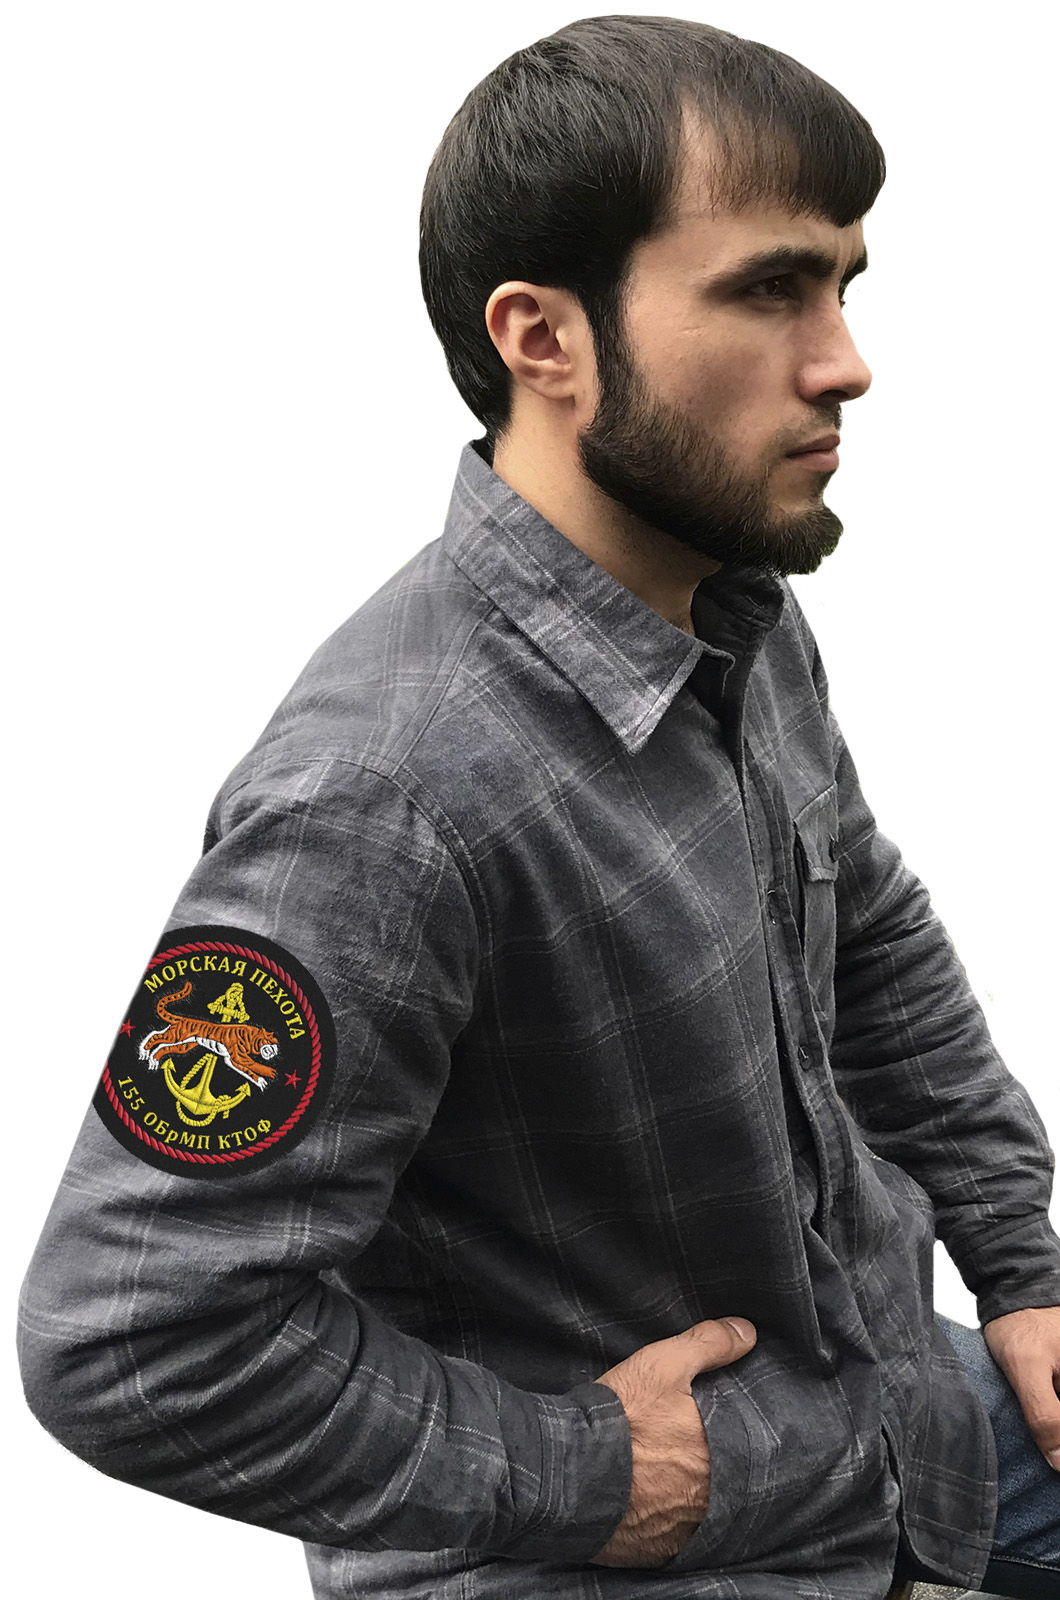 Мужская рубашка в клетку с нашивкой Морская пехота 155 ОБрМП КТОФ купить с доставкой